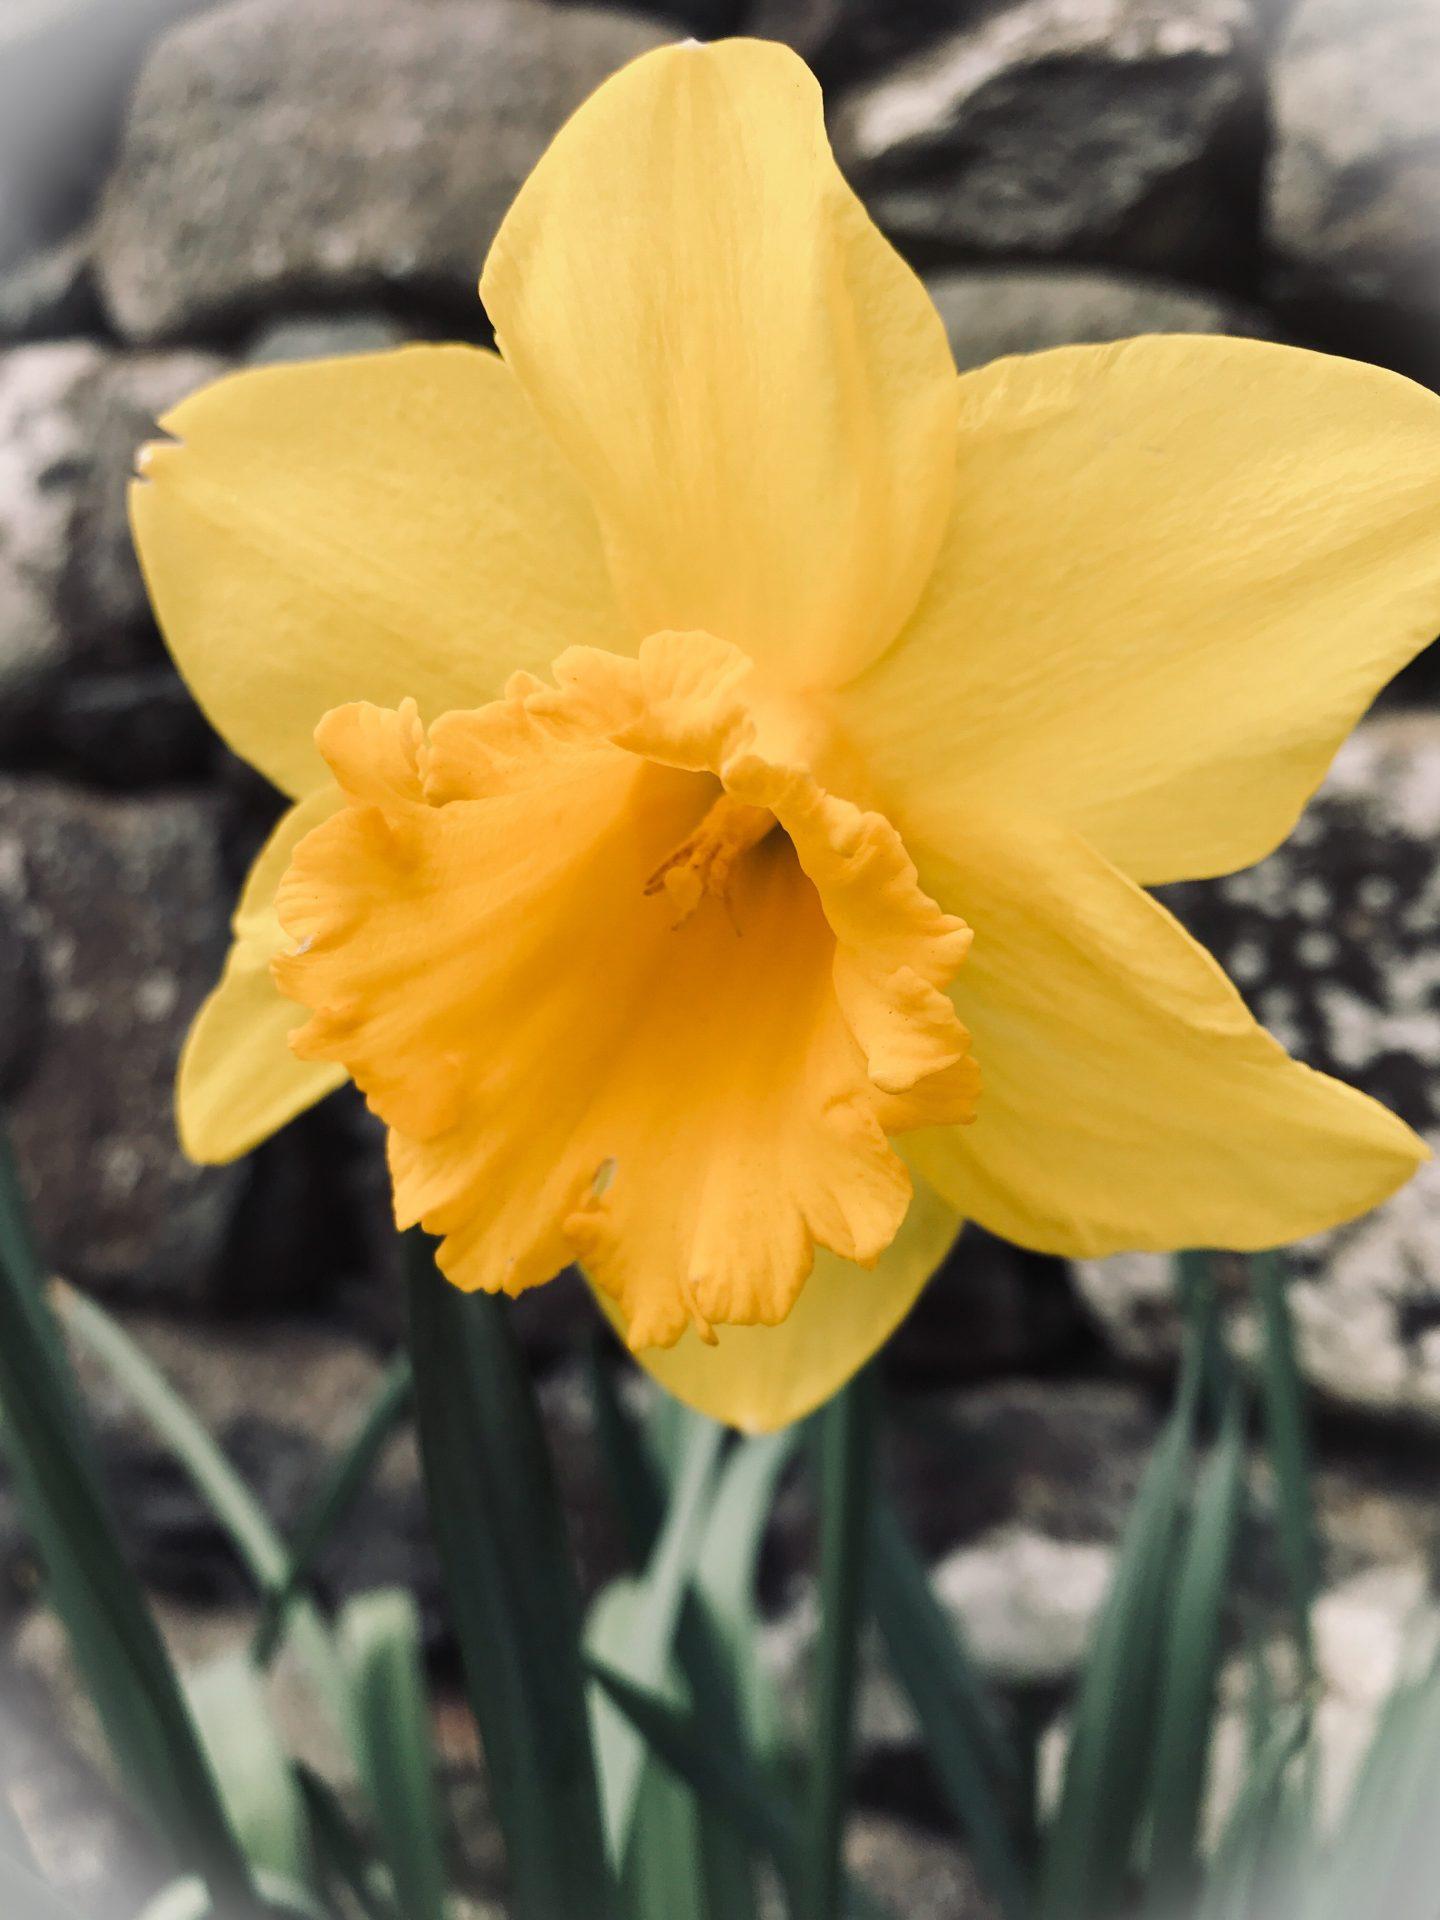 #MySundaySnapshot – Dazzling Daffodils  13/52 (2019)